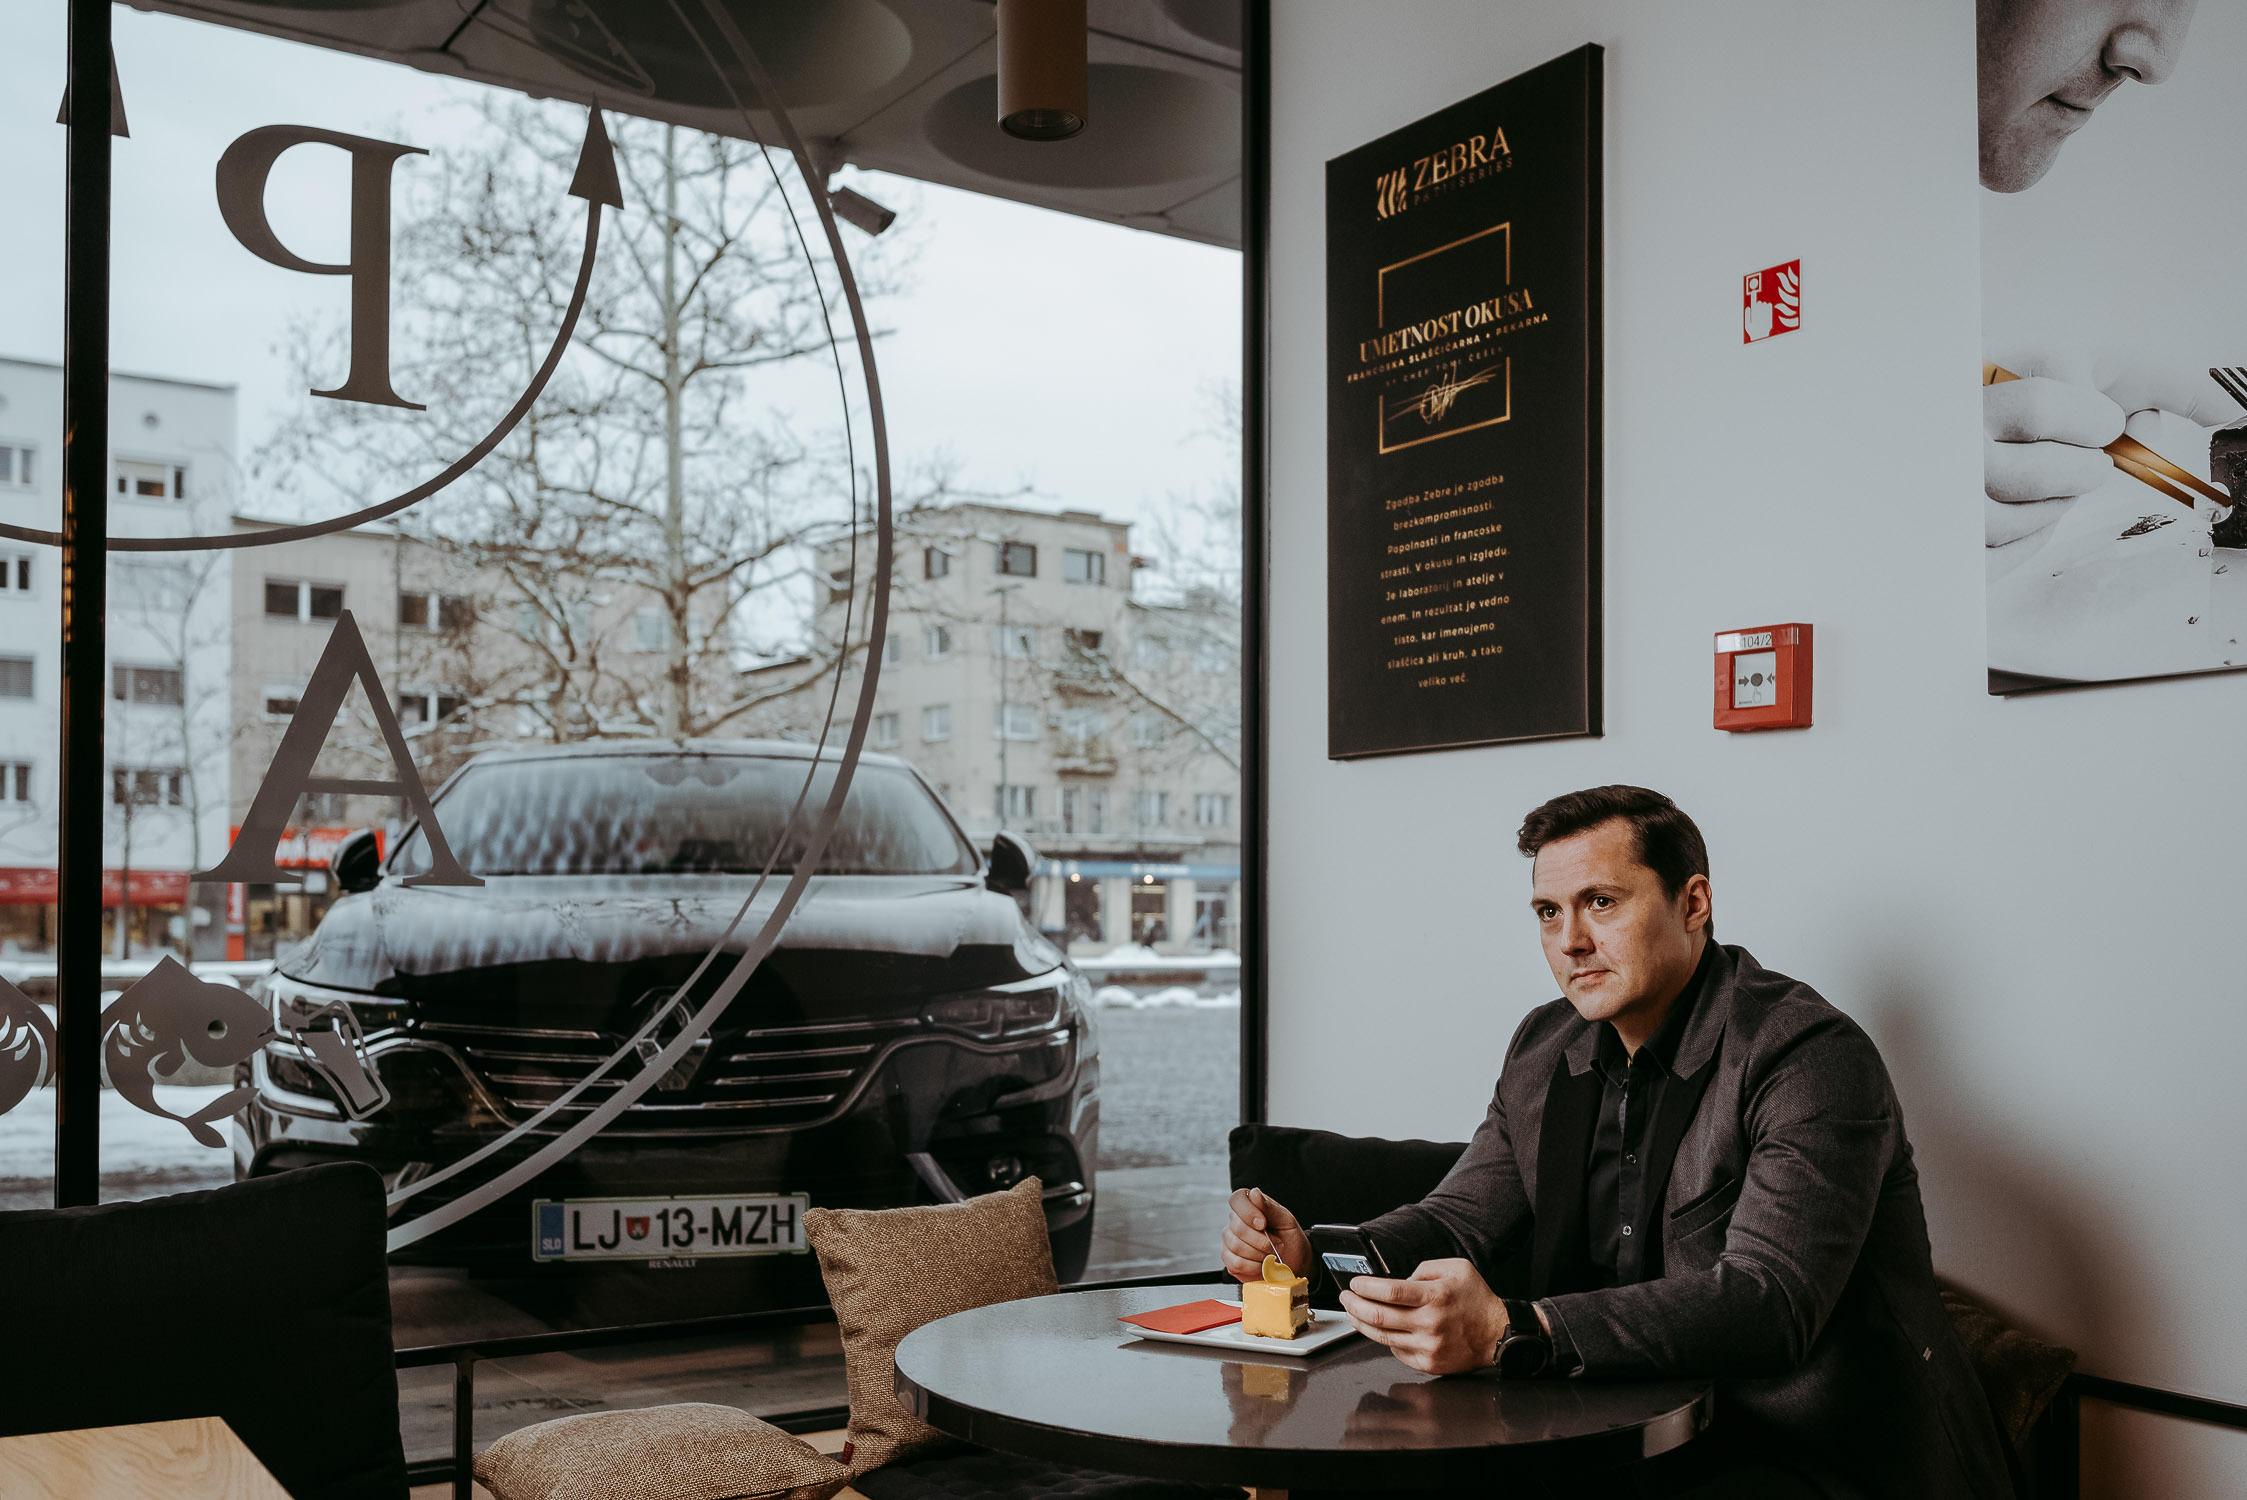 20180222 Tomi Češek Zebra Patisseries Renault Talisman City Magazine TK 17